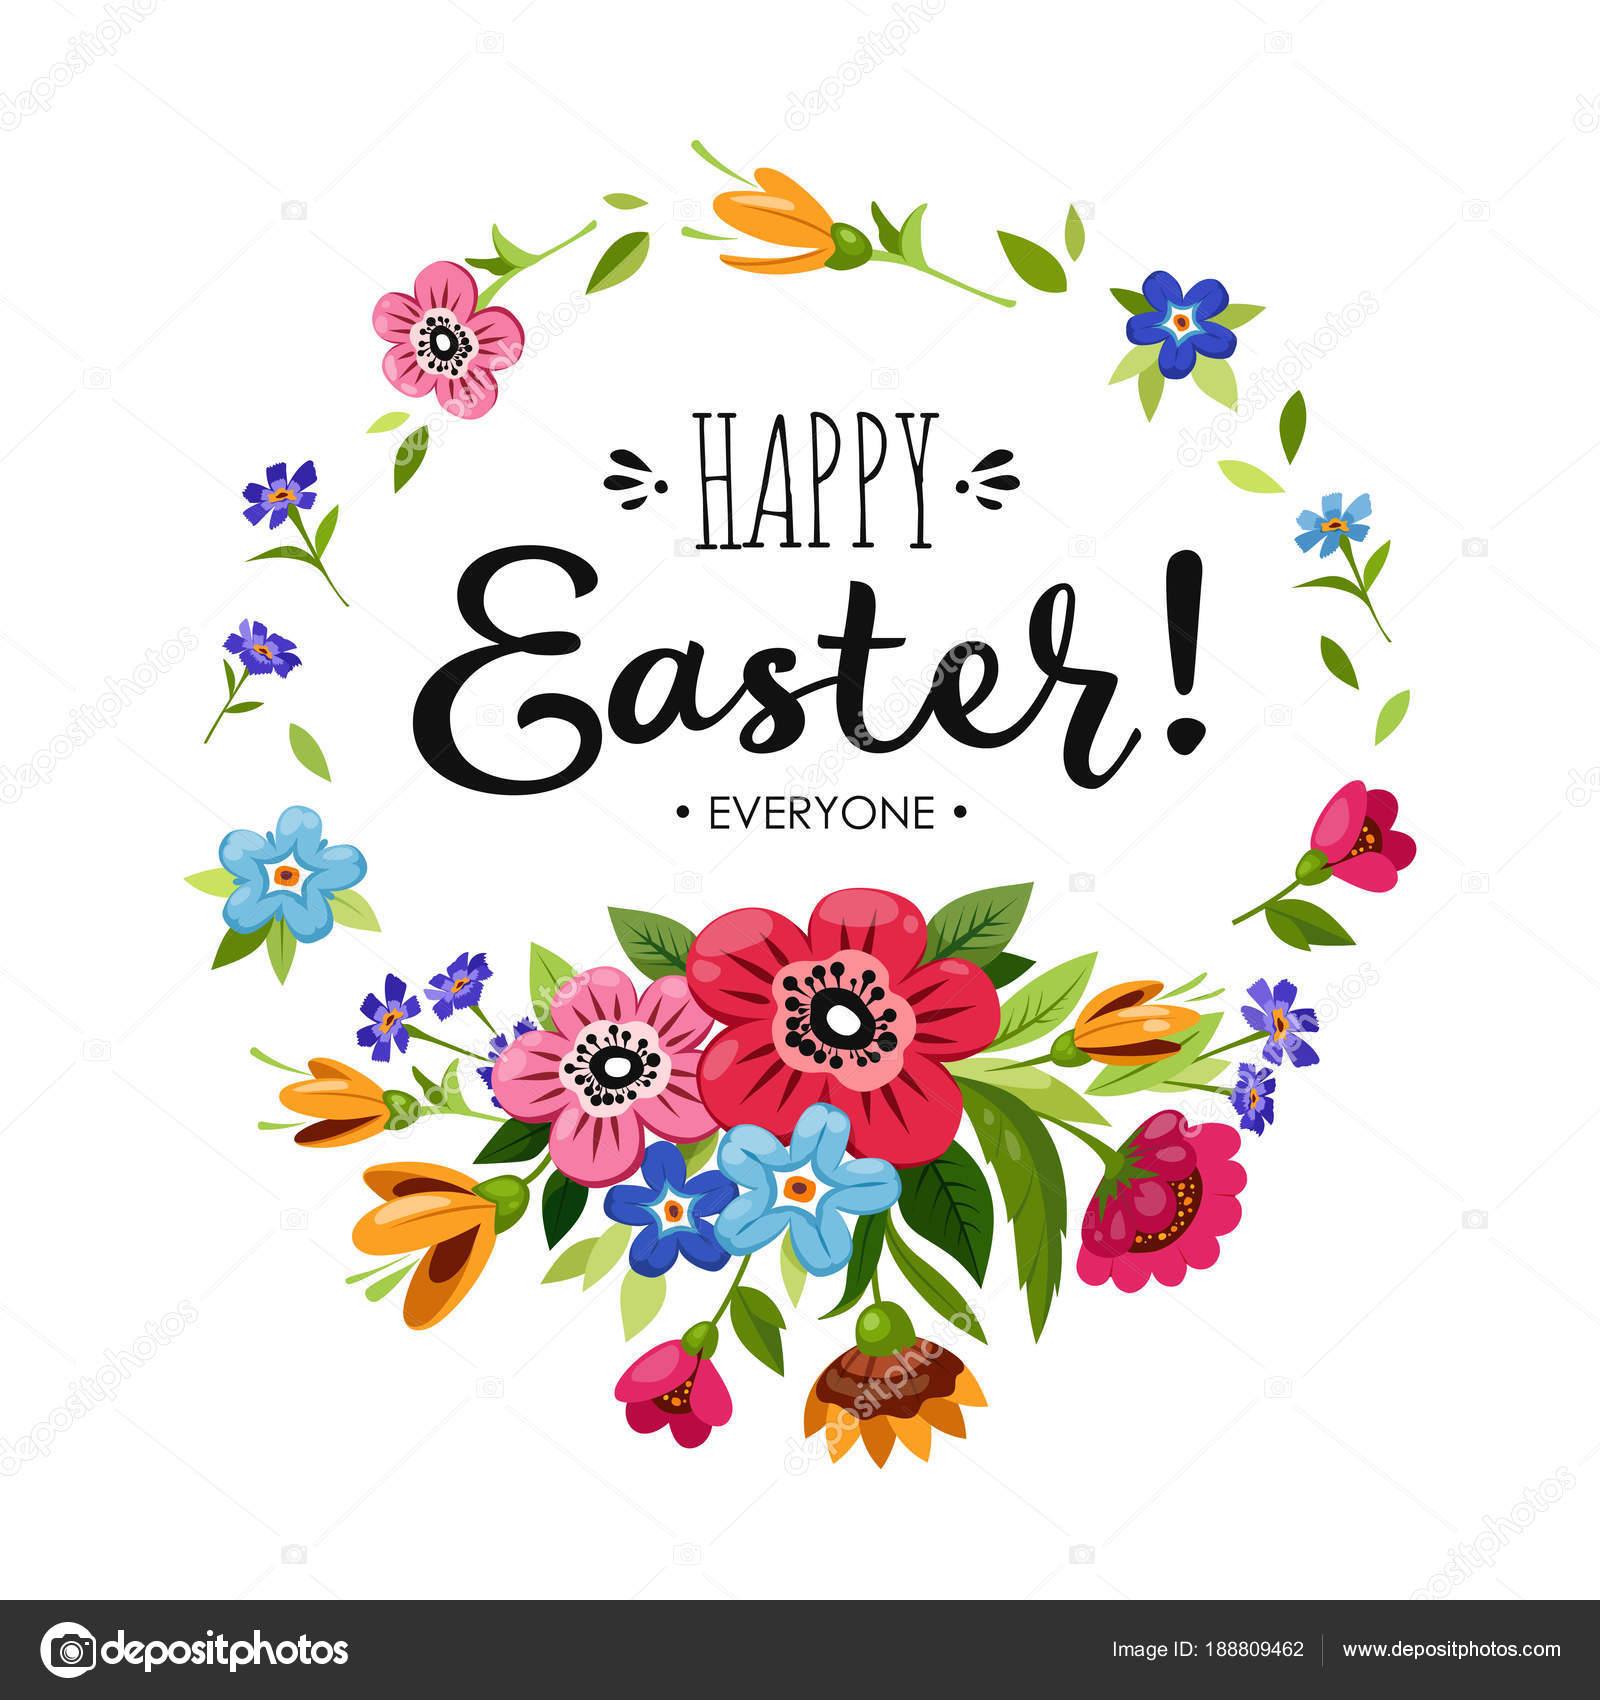 Vorlage Frohe Ostern Karte. Schriftzug Happy Ostern alle in Runde ...